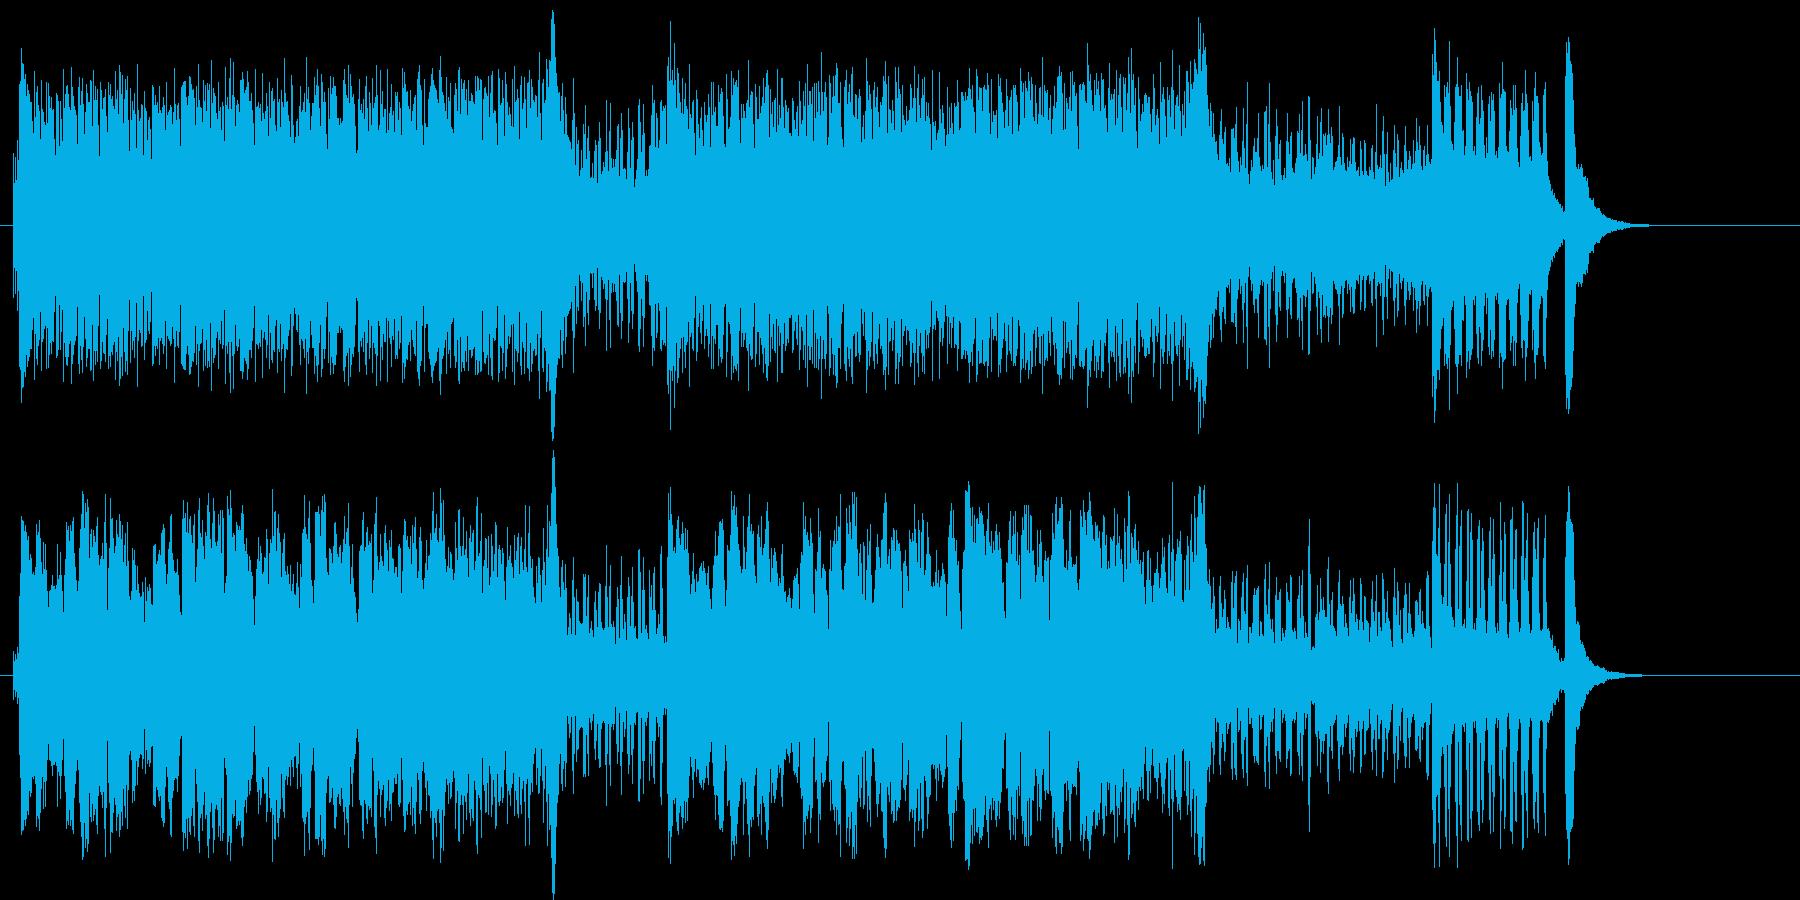 臨場感と興奮のマイナー・オーケストラ楽曲の再生済みの波形